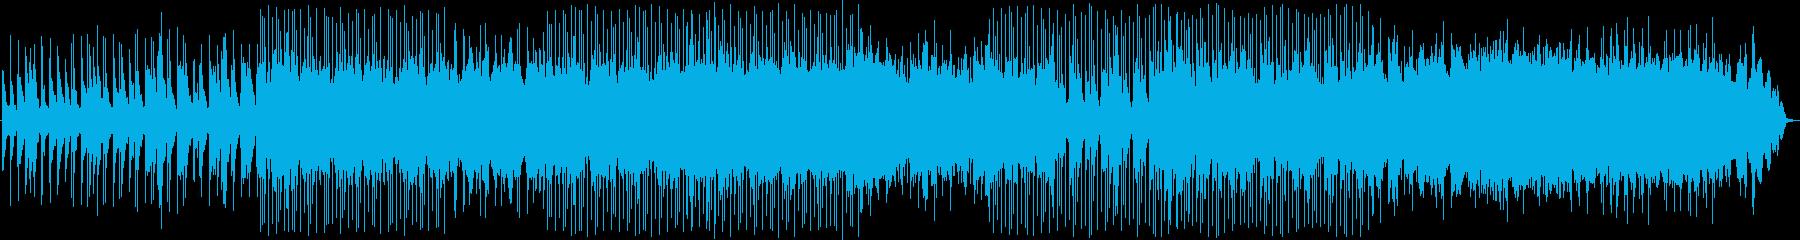 リラックスムードが広がるローファイビートの再生済みの波形